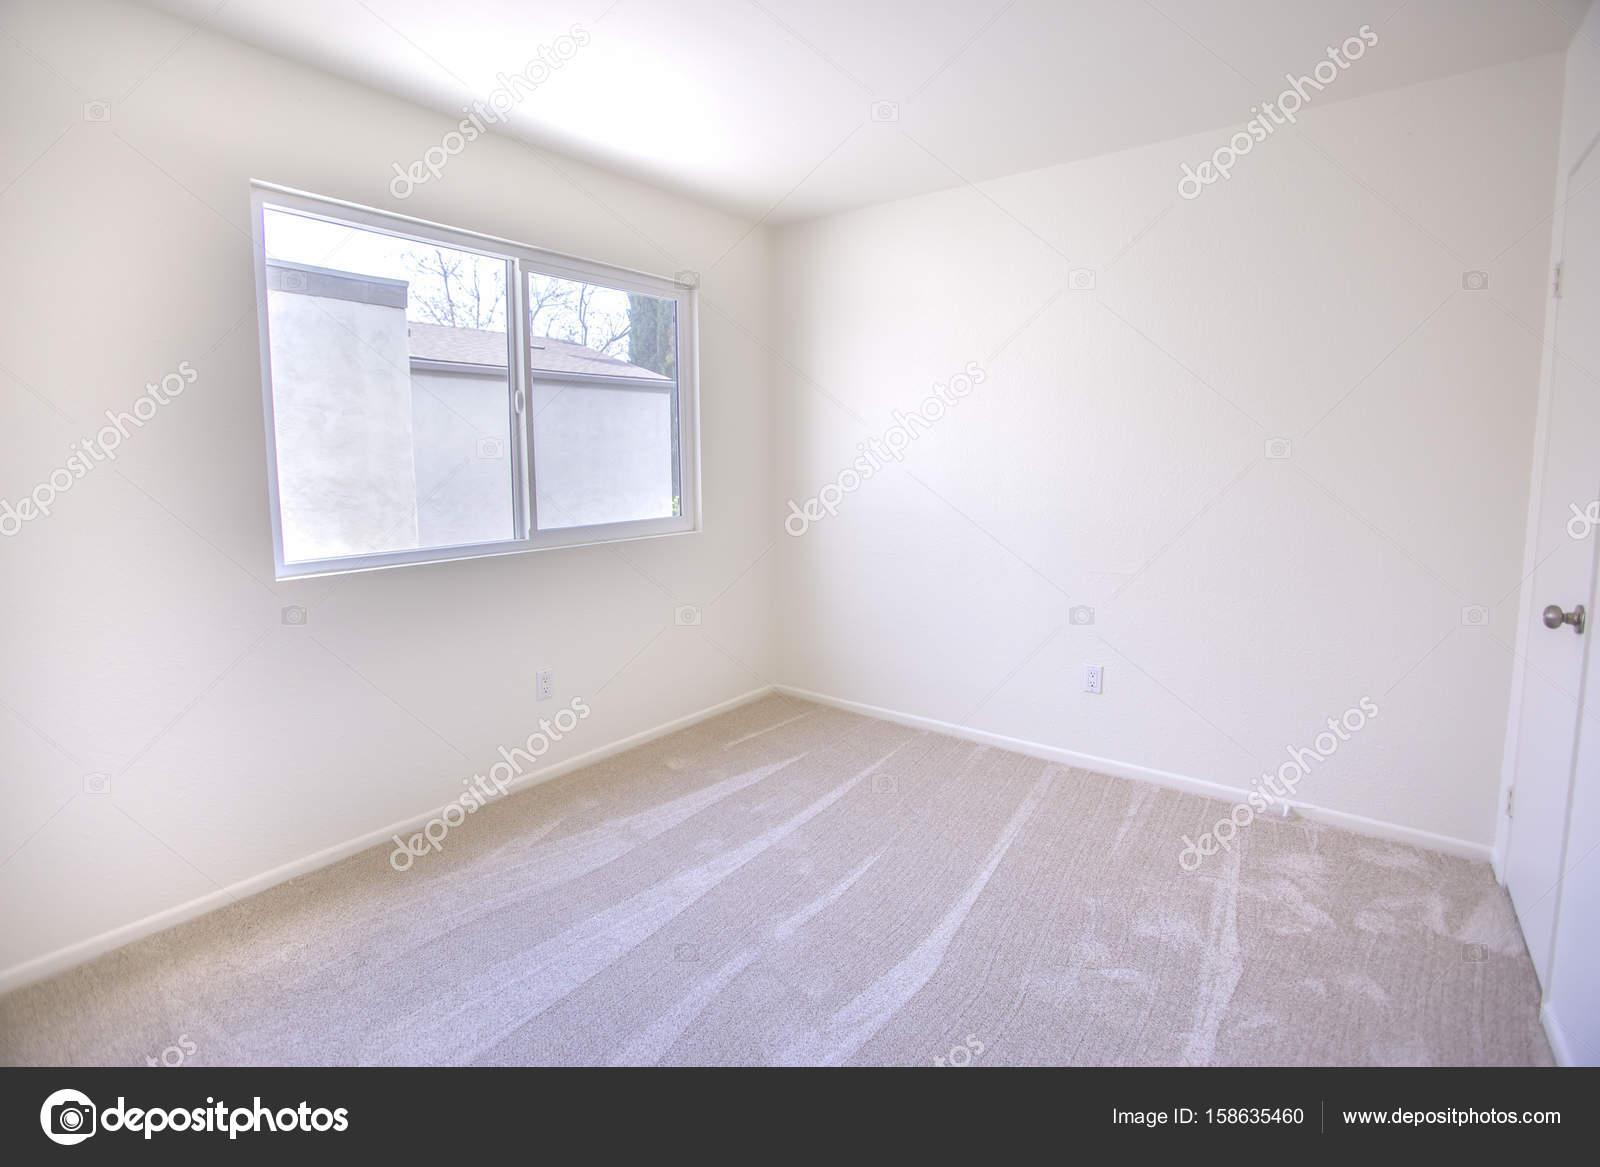 Slaapkamer Met Tapijt : Lege slaapkamer met tapijt en uitzicht buiten venster u stockfoto